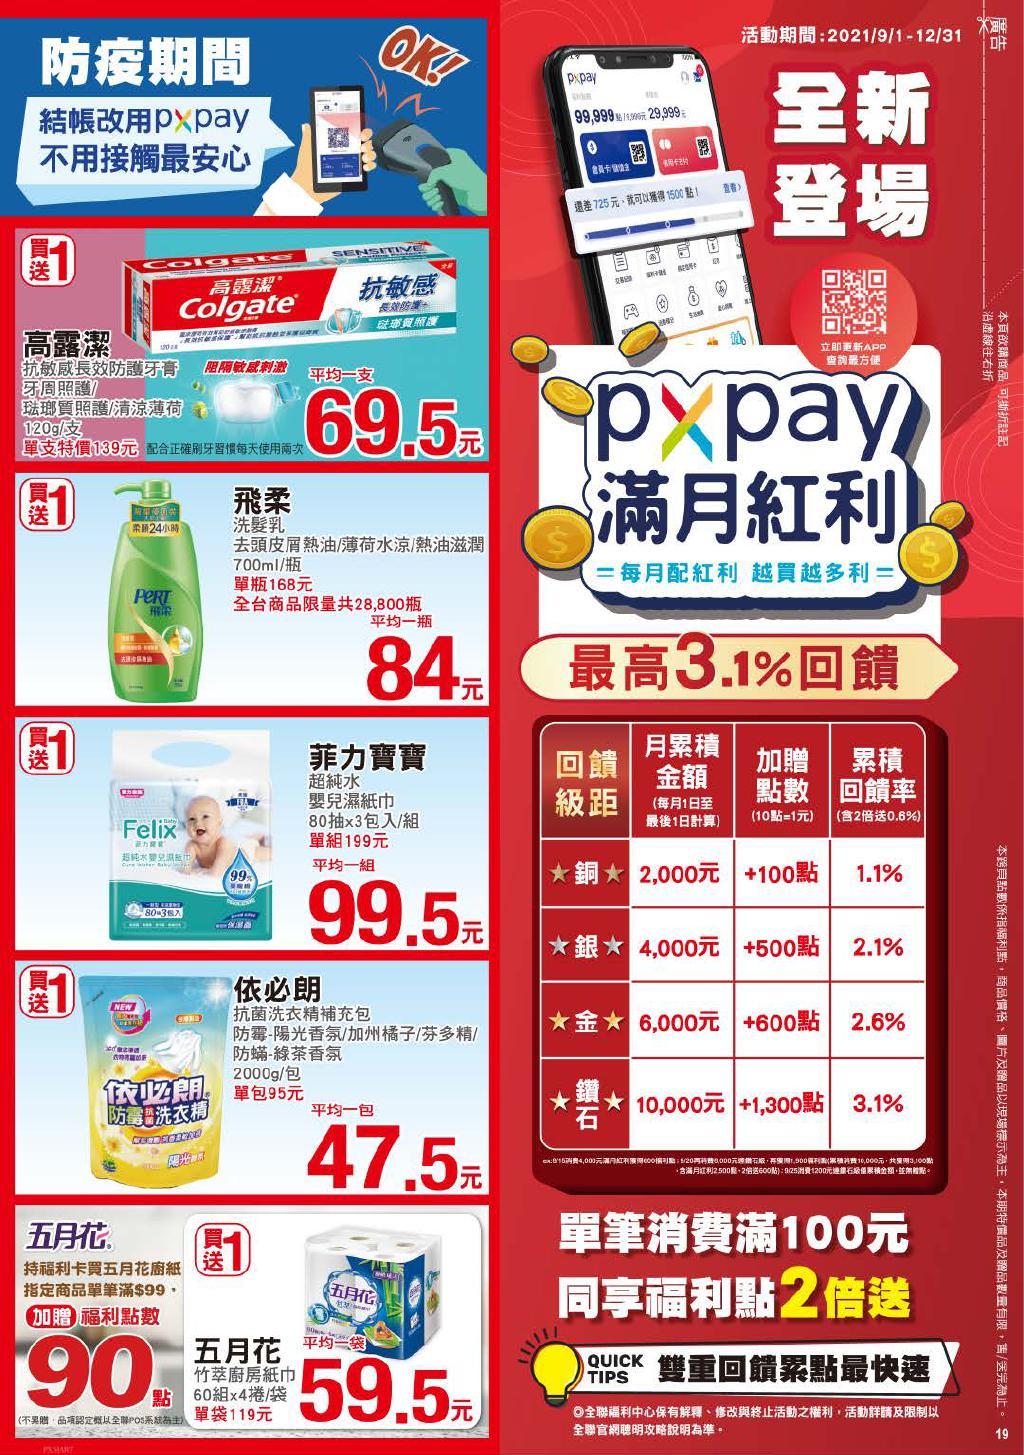 pxmart20210909_000019.jpg